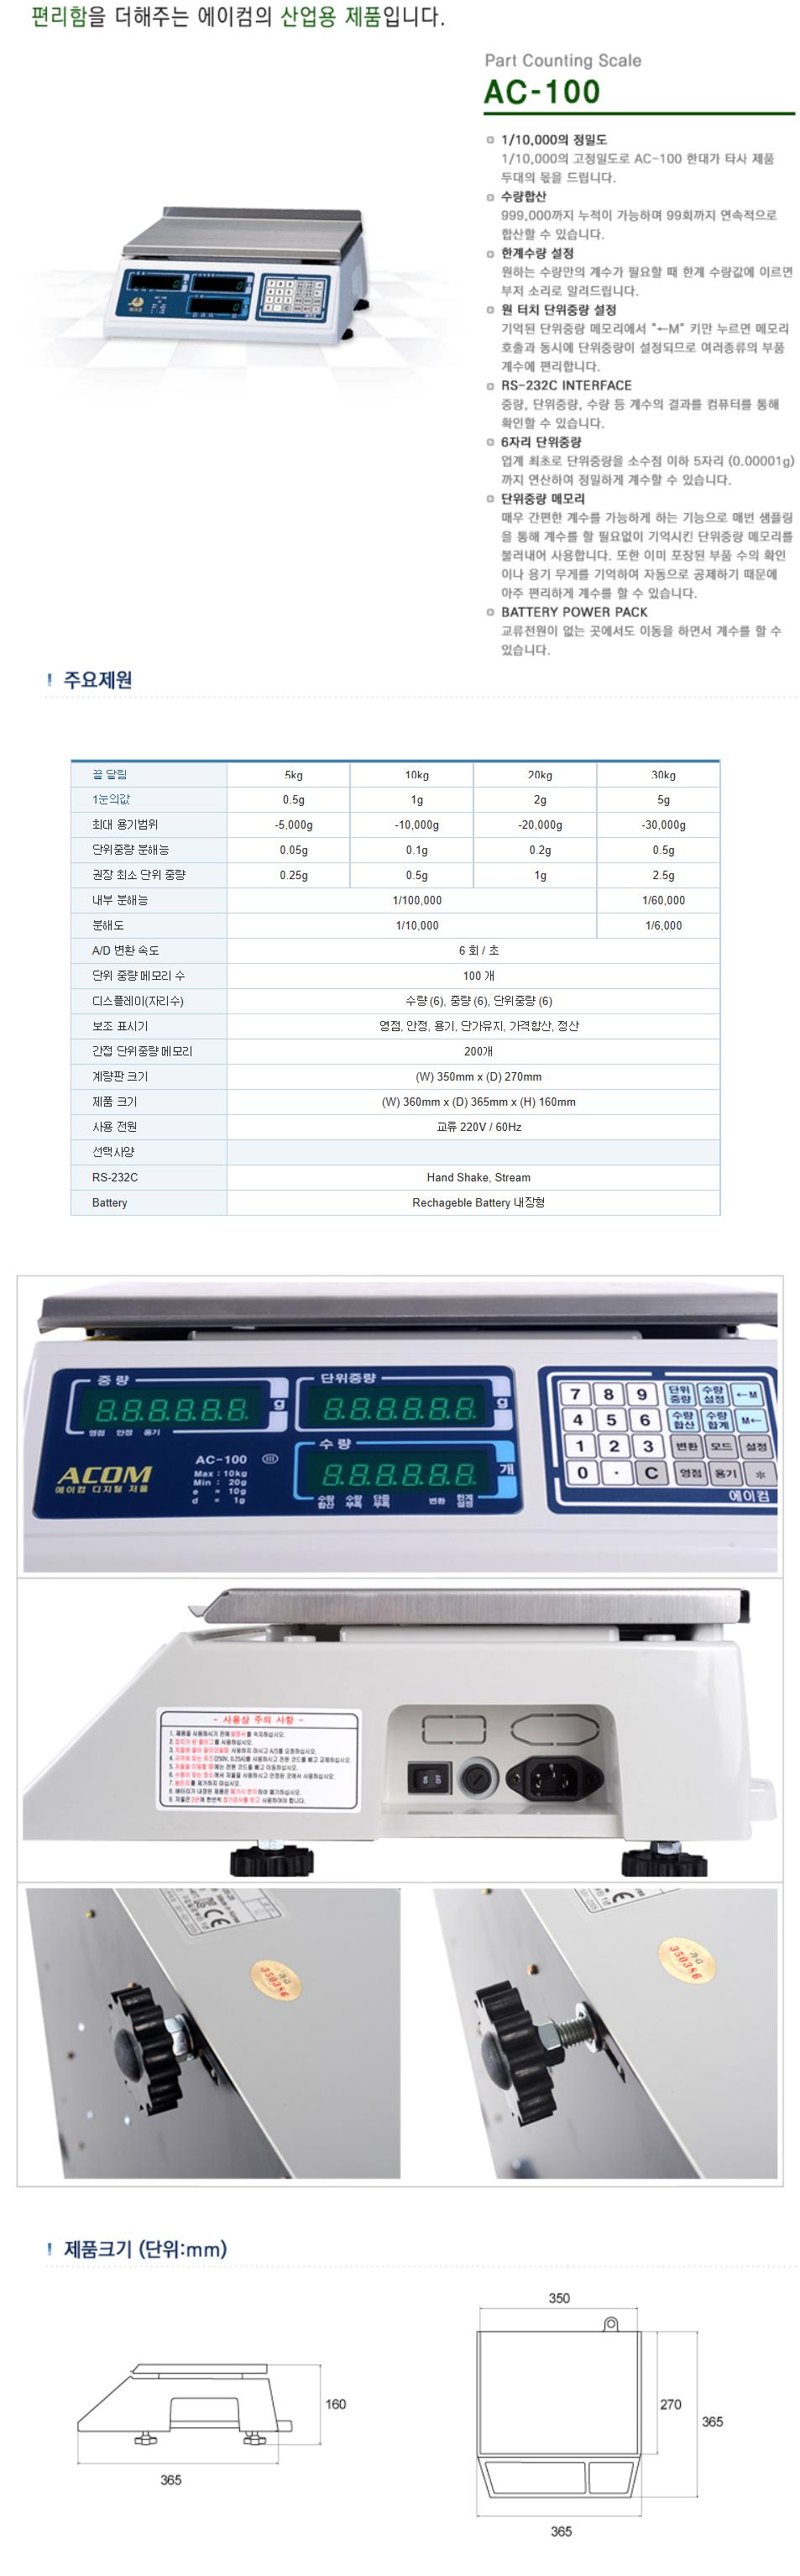 (주)에이컴 Part Counting Scale AC-100 1